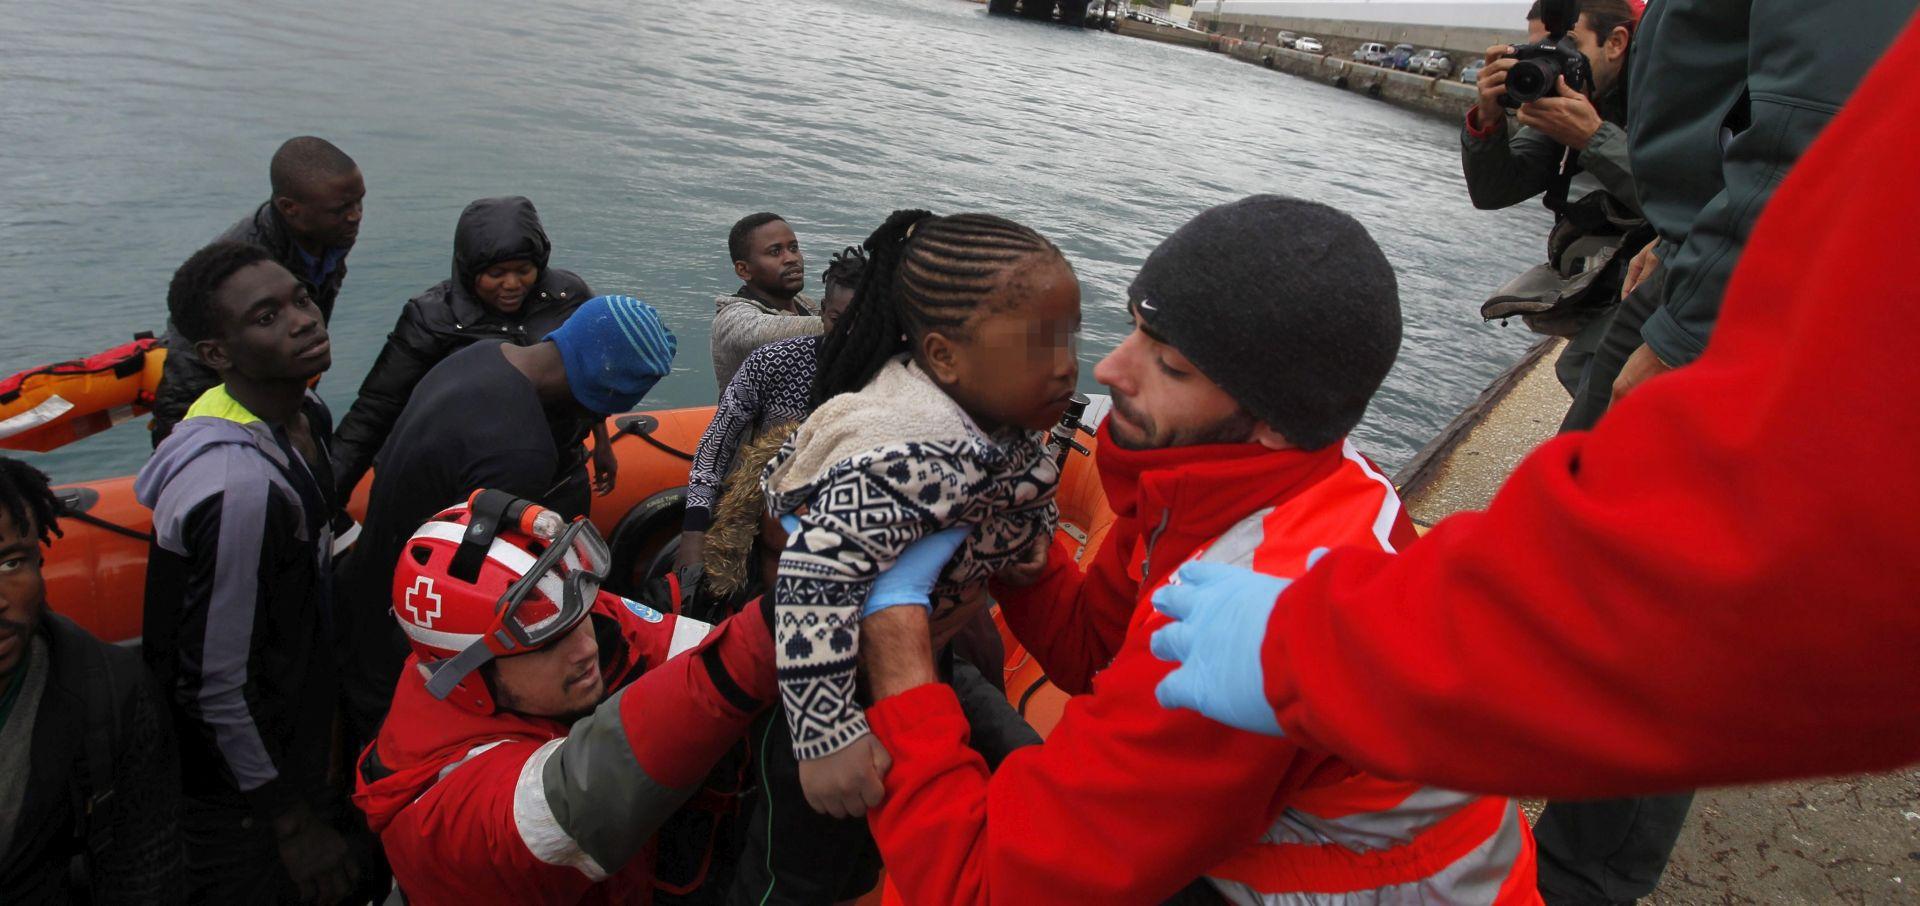 Broj poginulih migranata u Sredozemlju porastao na rekordnih 5000